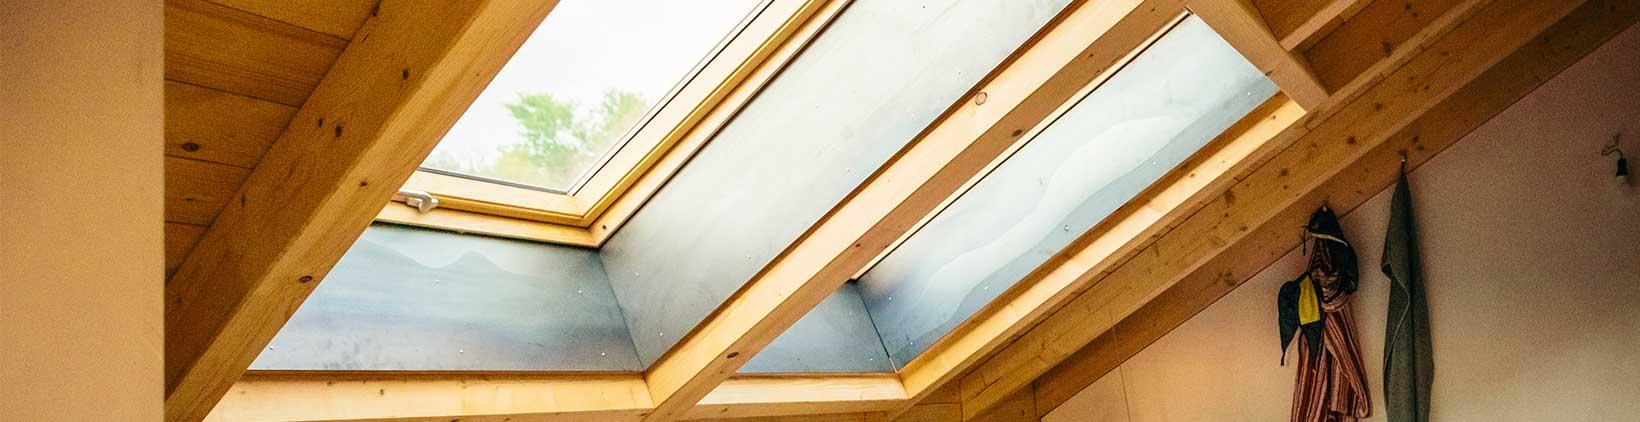 große Dachfenster mit Holzrahmen